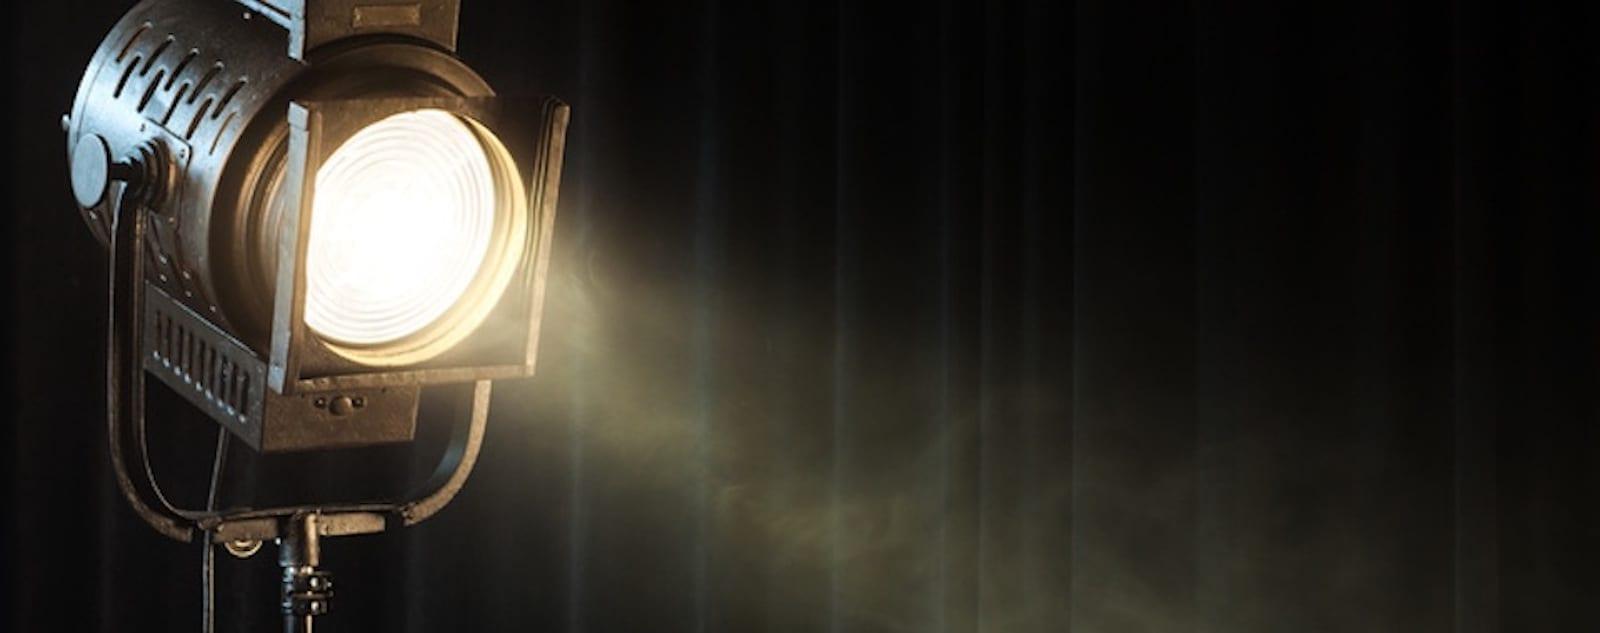 vintage theatre spot light